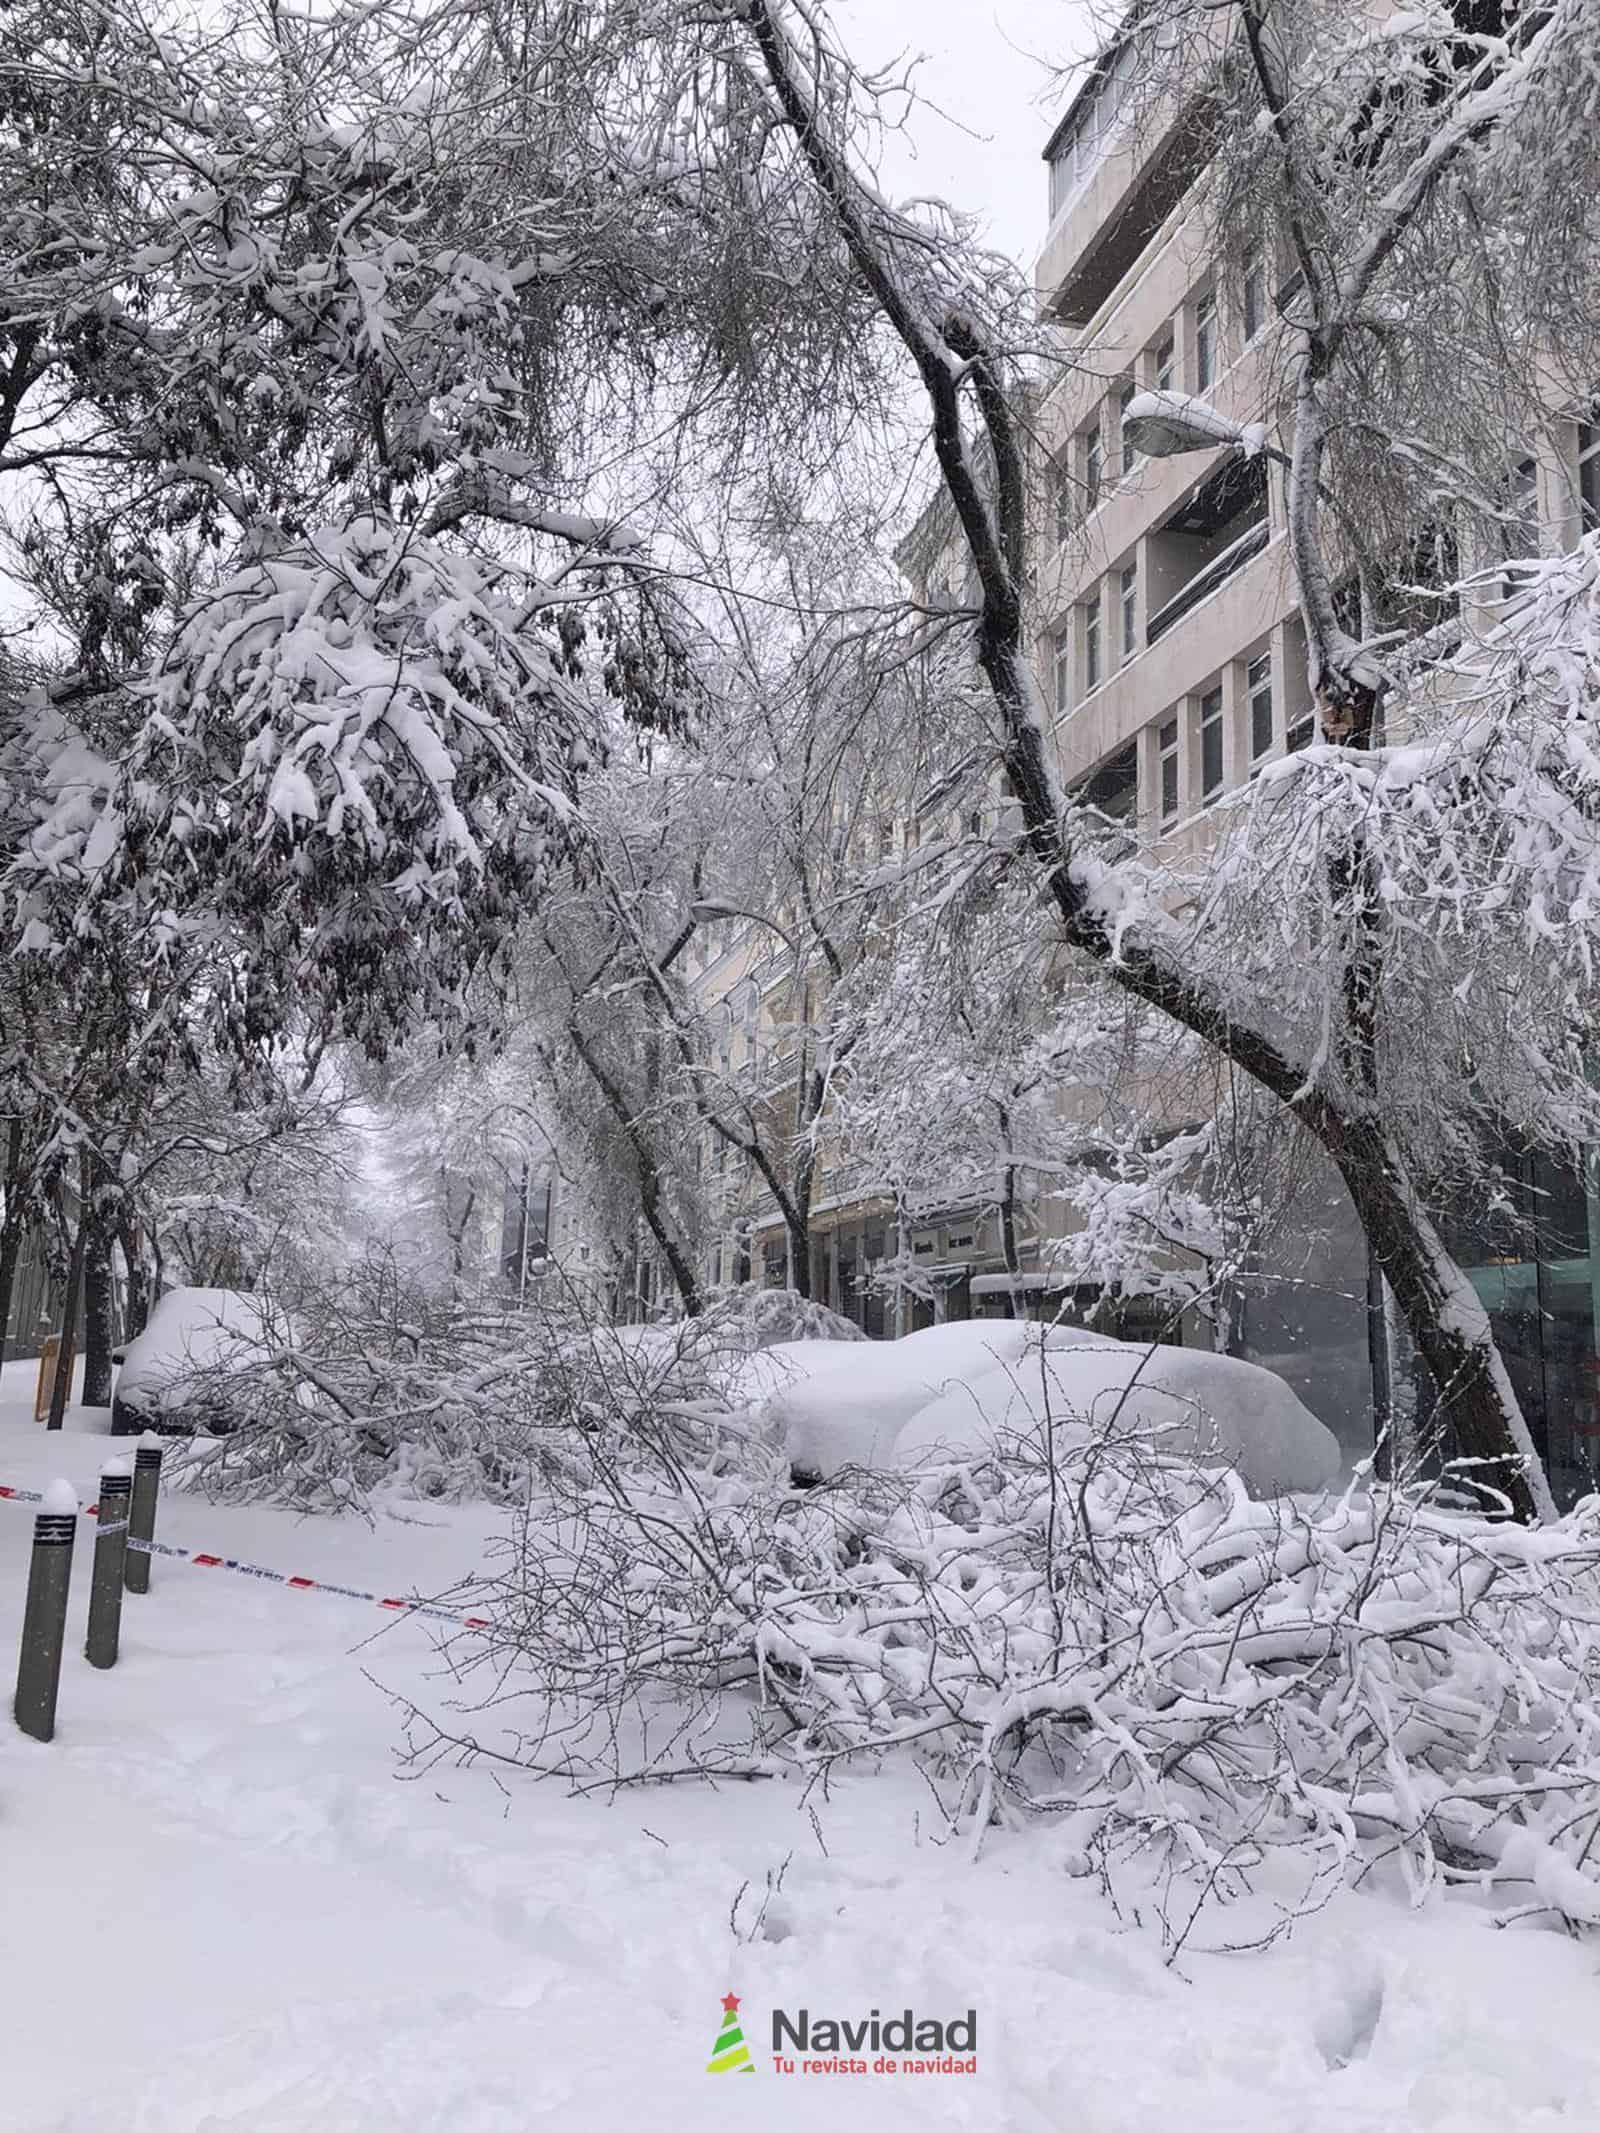 Fotografías de la nevada de enero en Madrid (España) 152